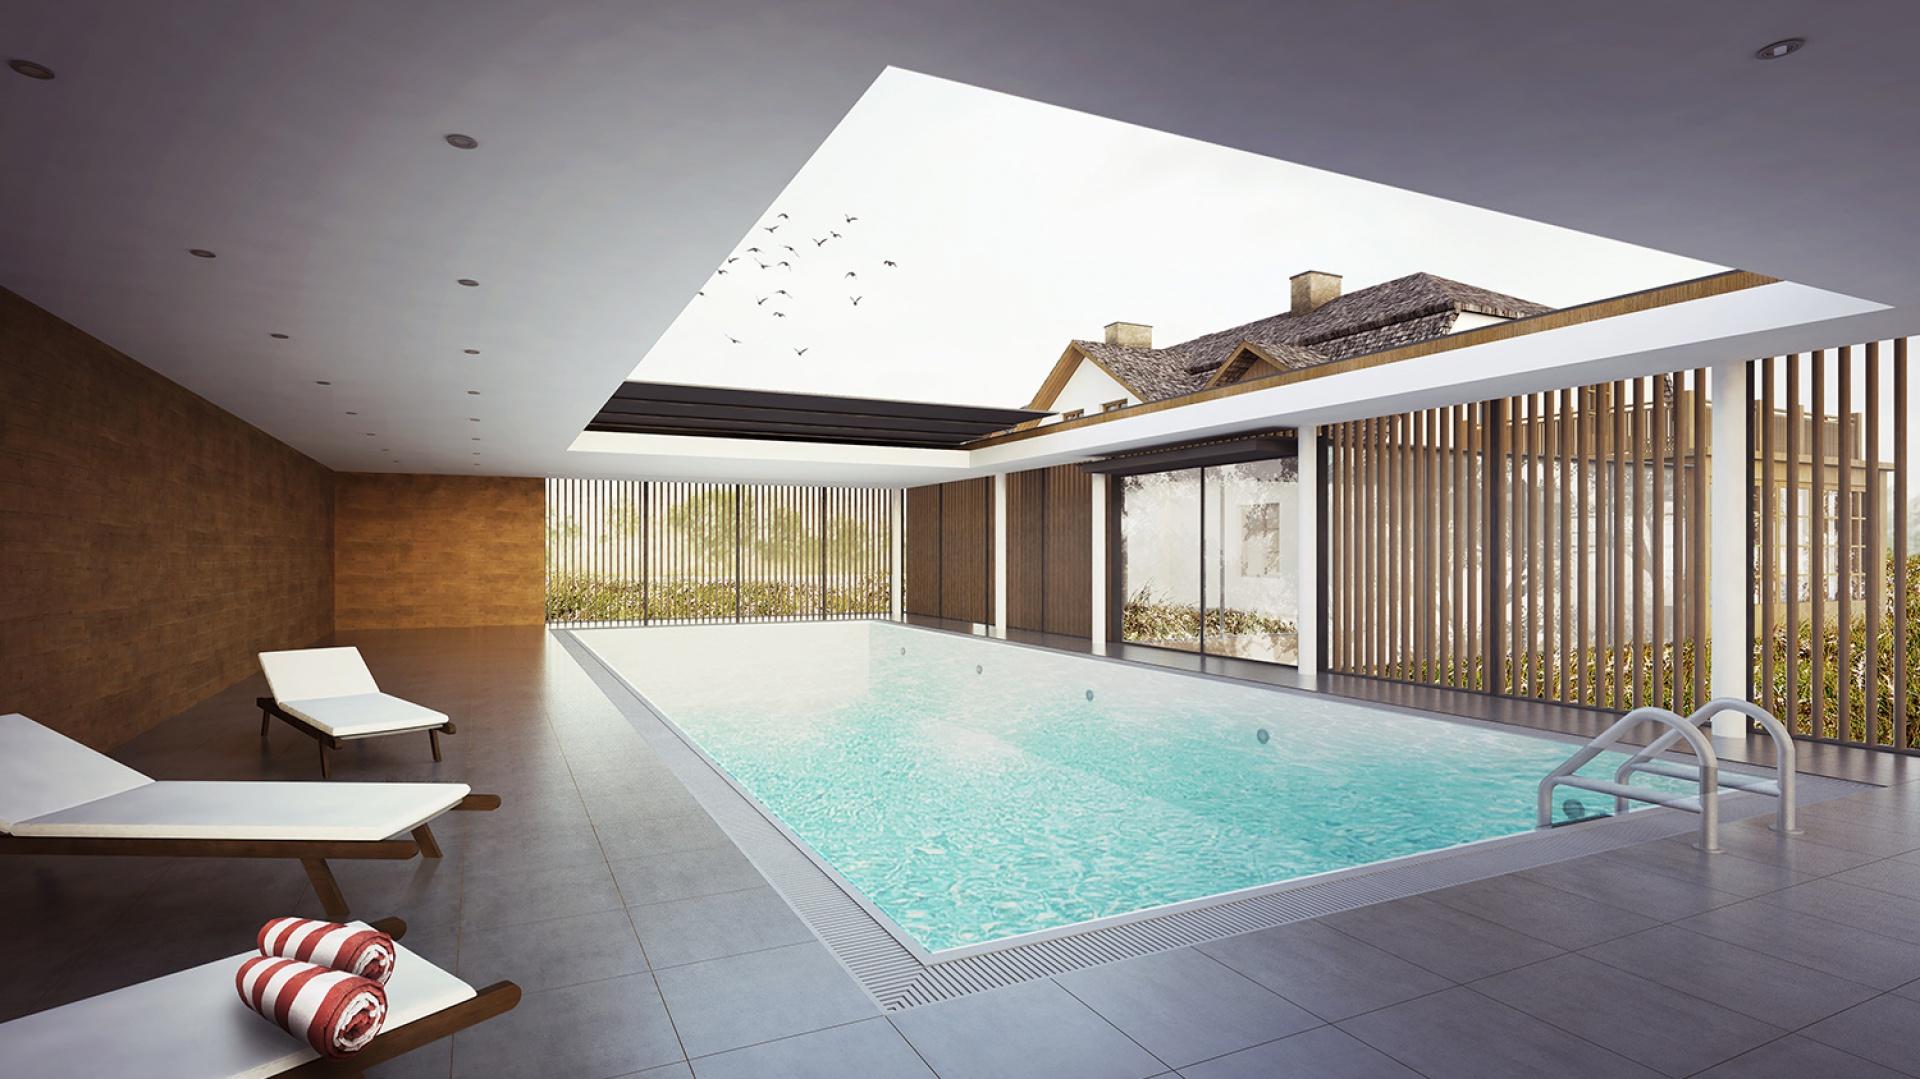 Prosta, minimalistyczna forma z płaskim, otwieranym dachem nawiązuje wysokością do okapów istniejącego obiektu. Fot. BXBstudio